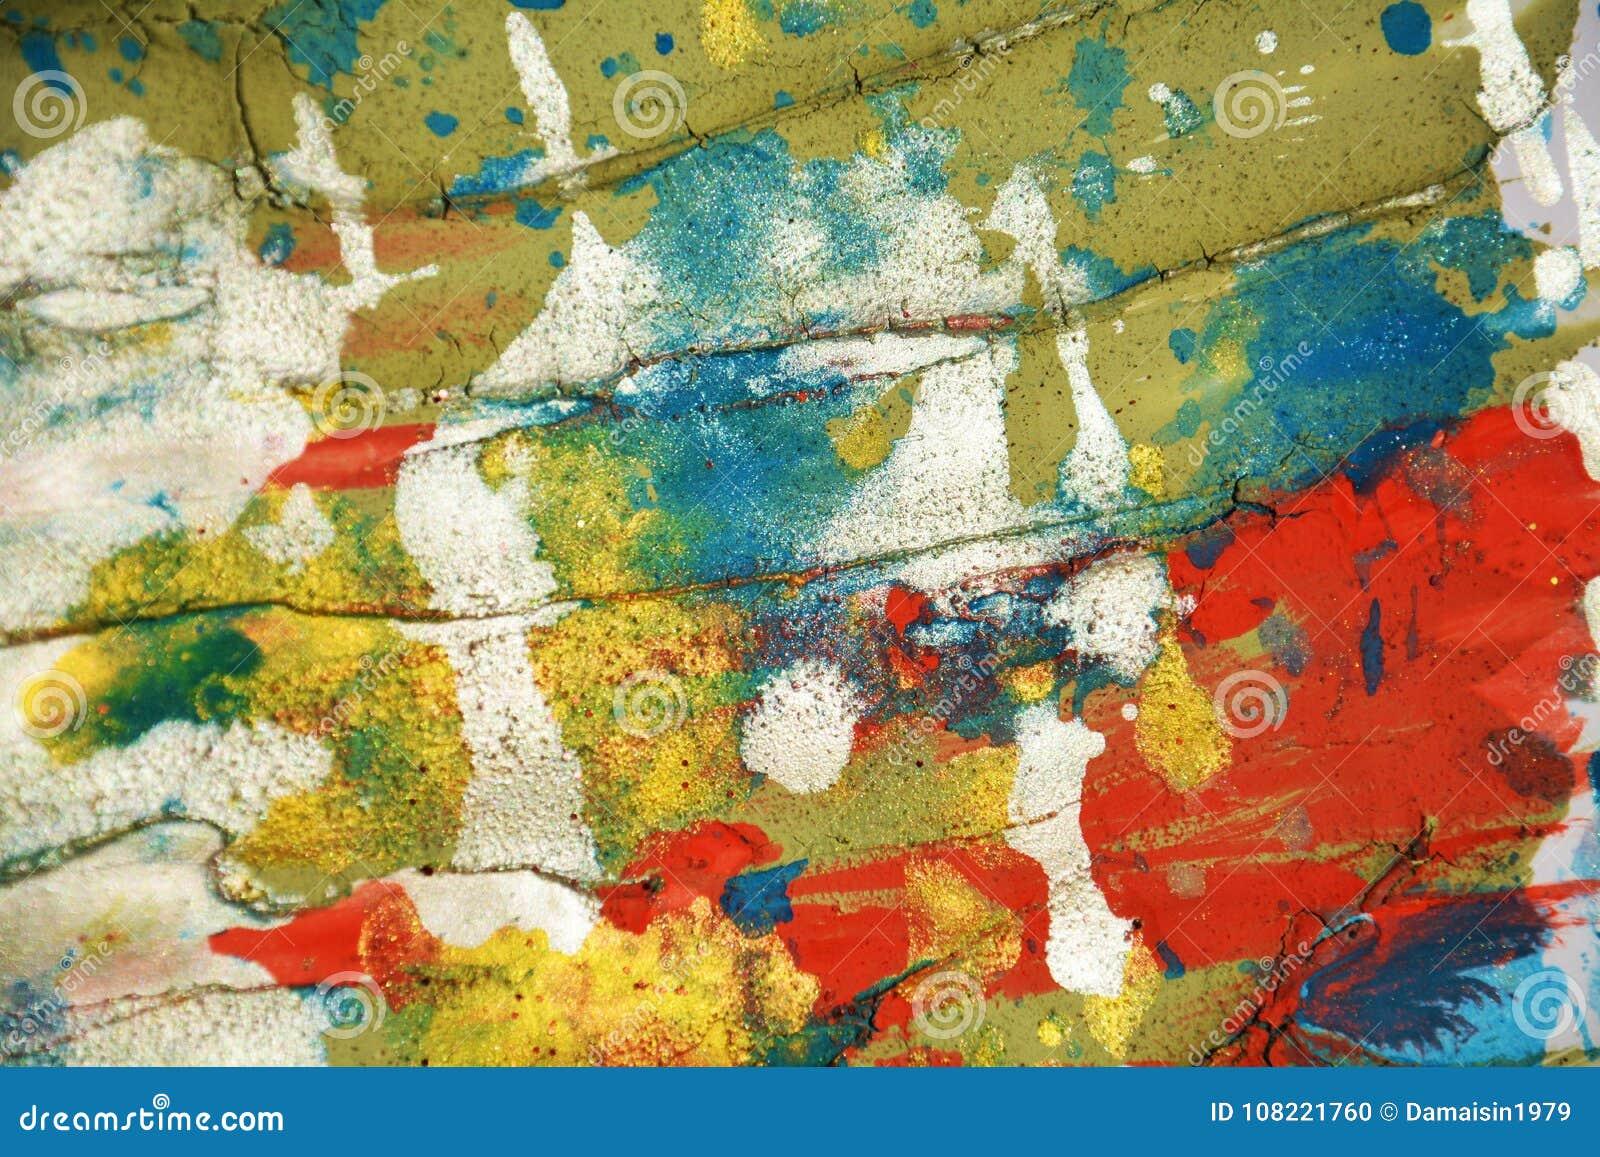 Cursos cerosos pasteis alaranjados verdes de prata brancos do fundo e da escova dos pontos do vermelho azul, matiz, pontos